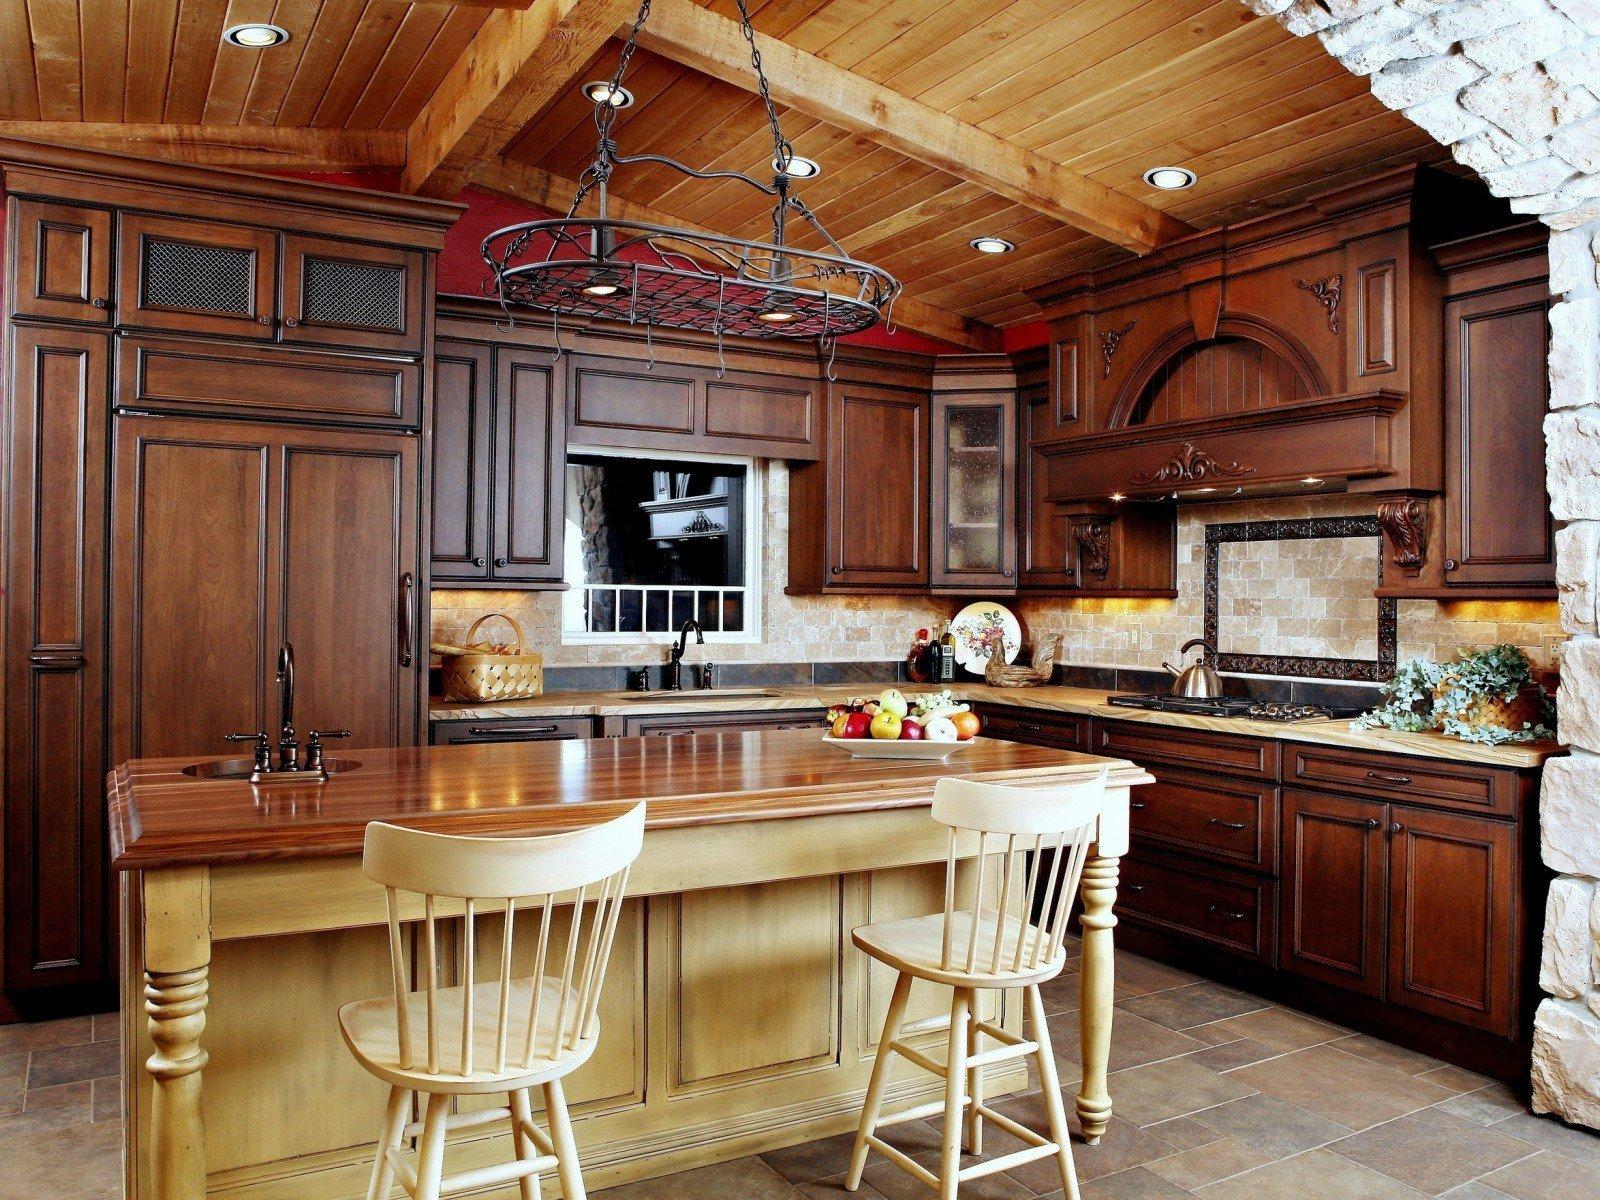 Treverk i det indre av kjøkkenet